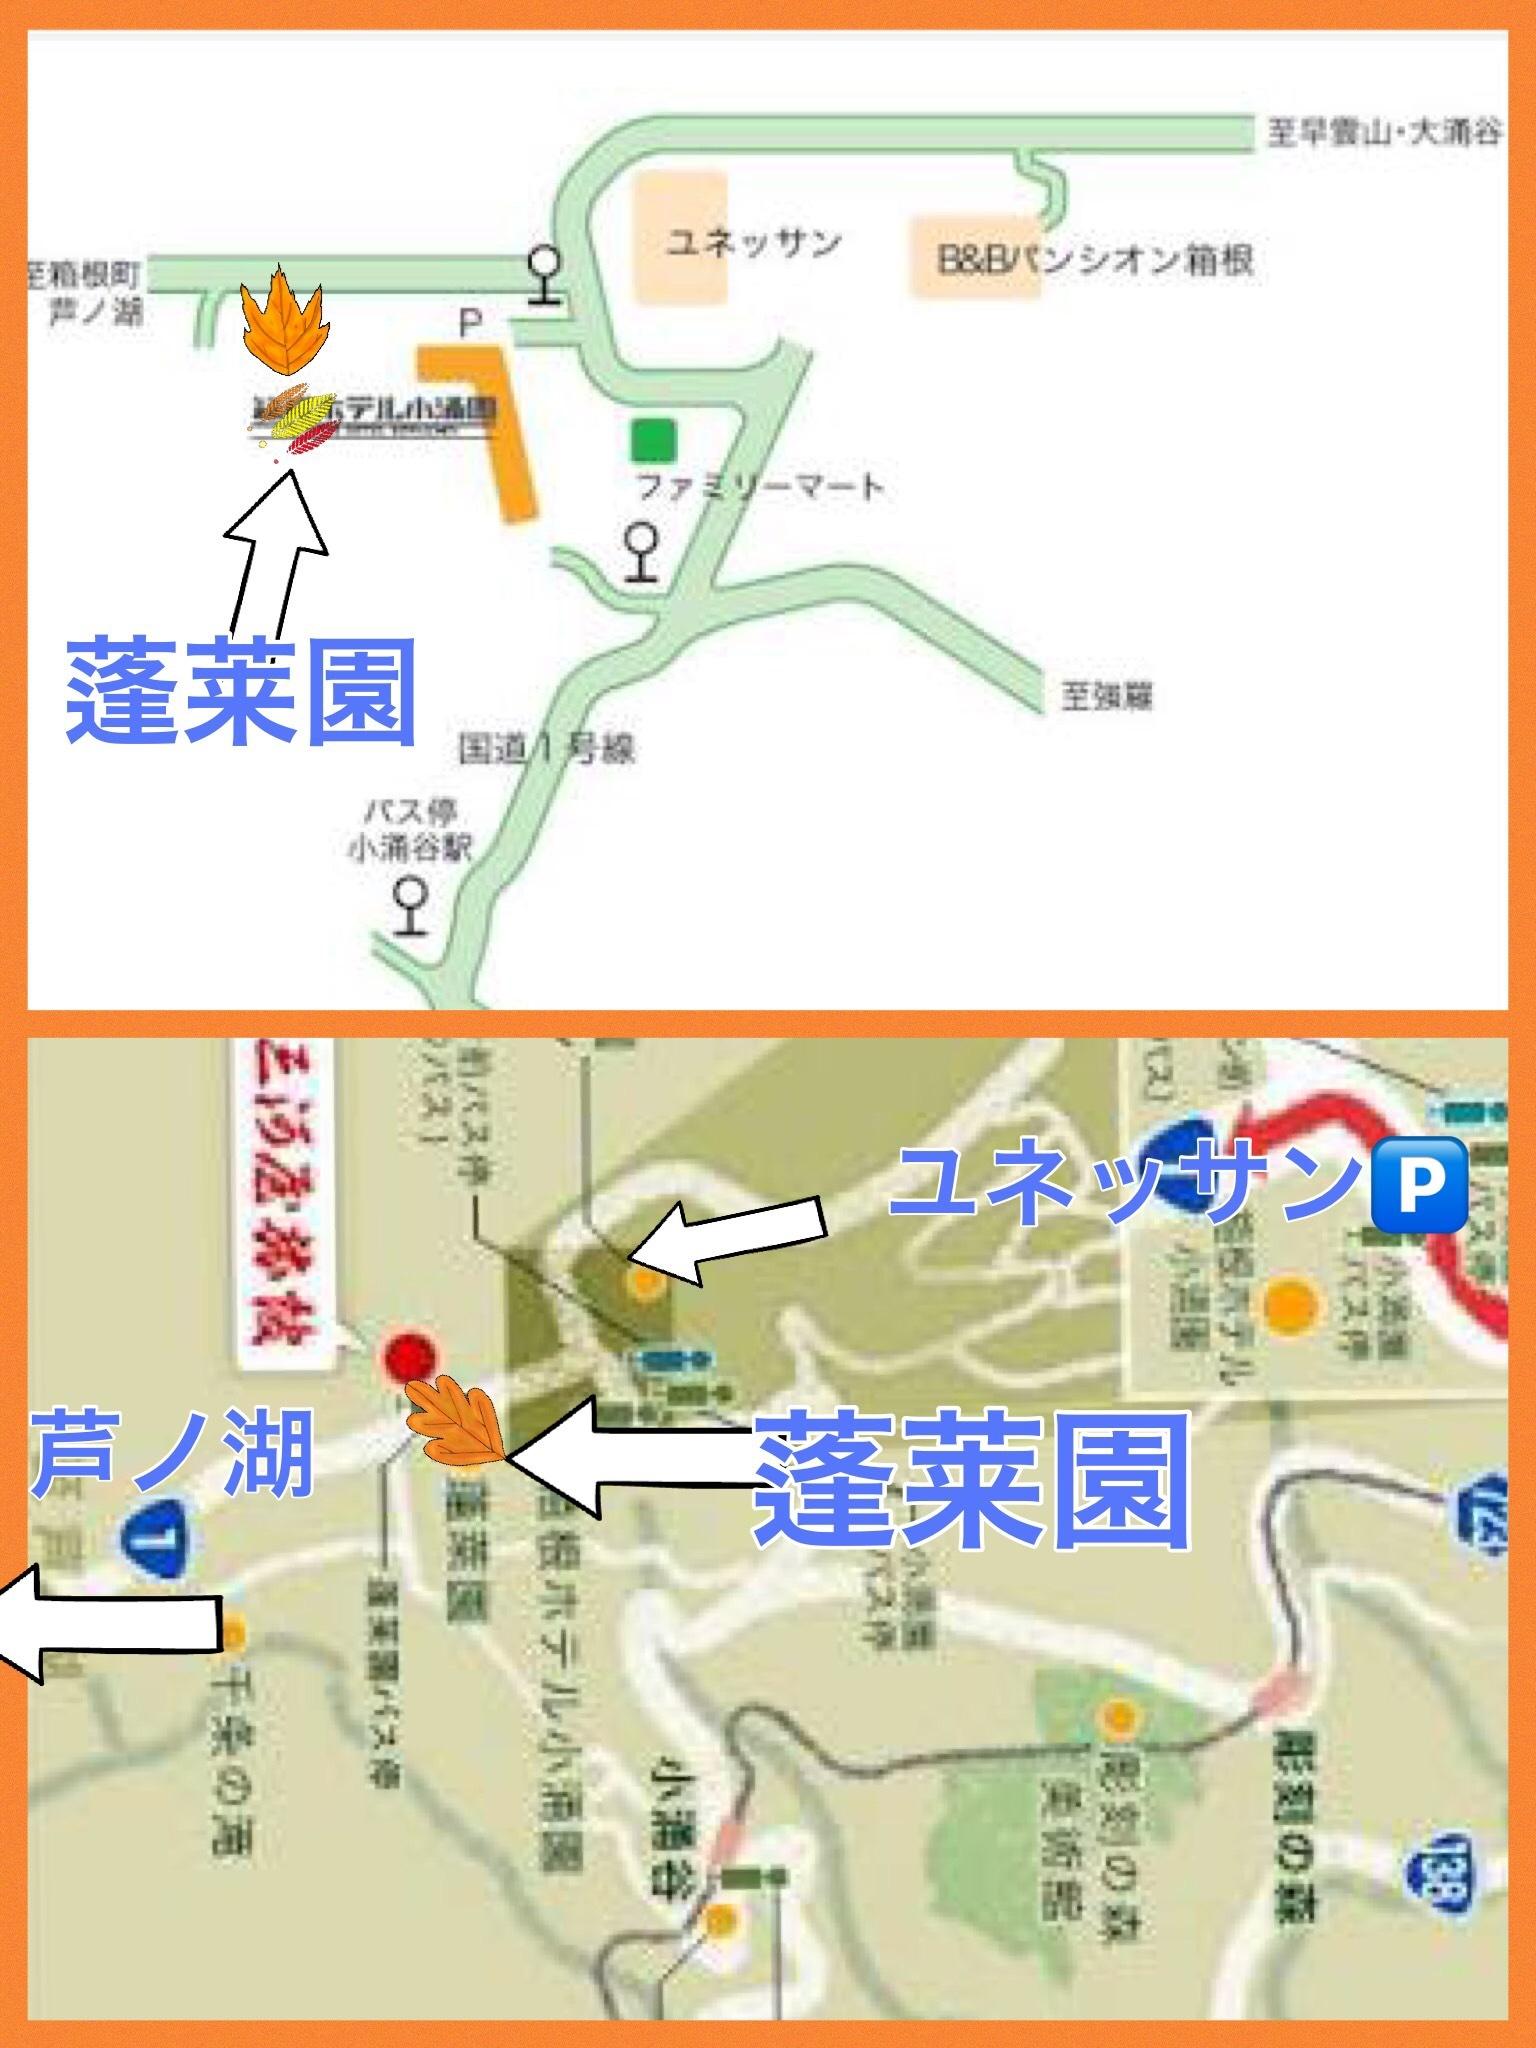 箱根蓬莱園 駐車場 マップ 地図